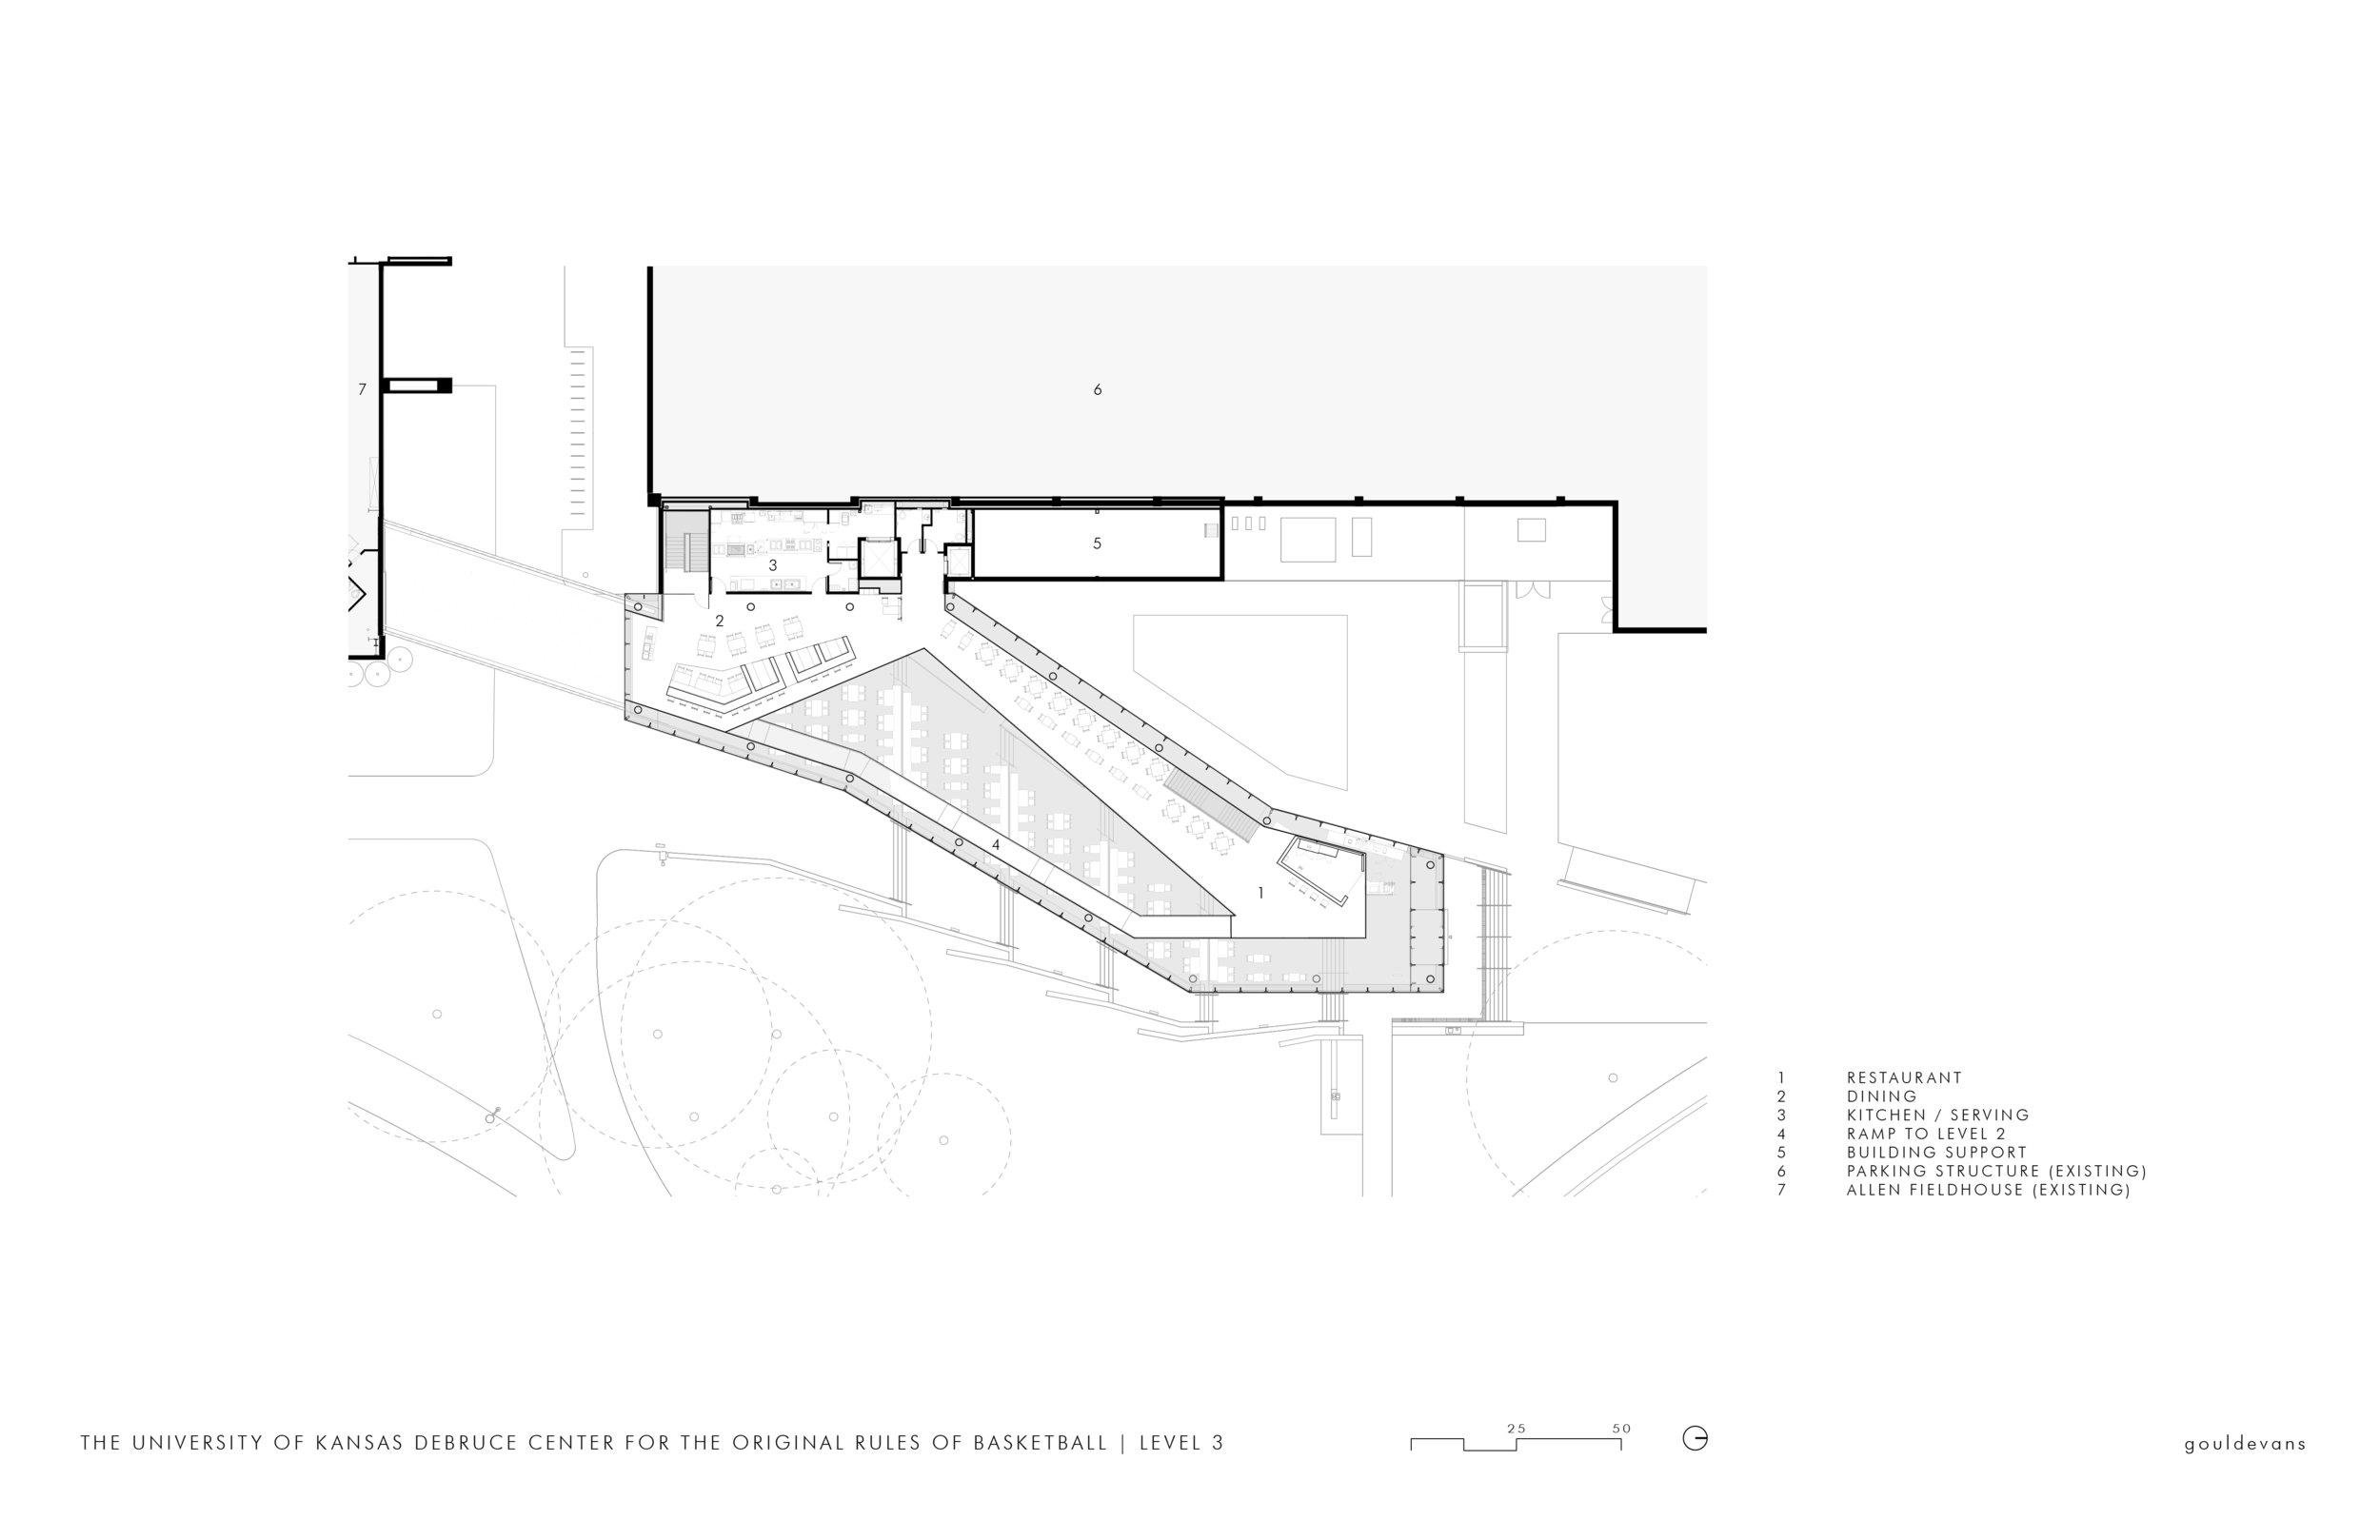 KUNR_Floor_Plans_Level_3.jpg